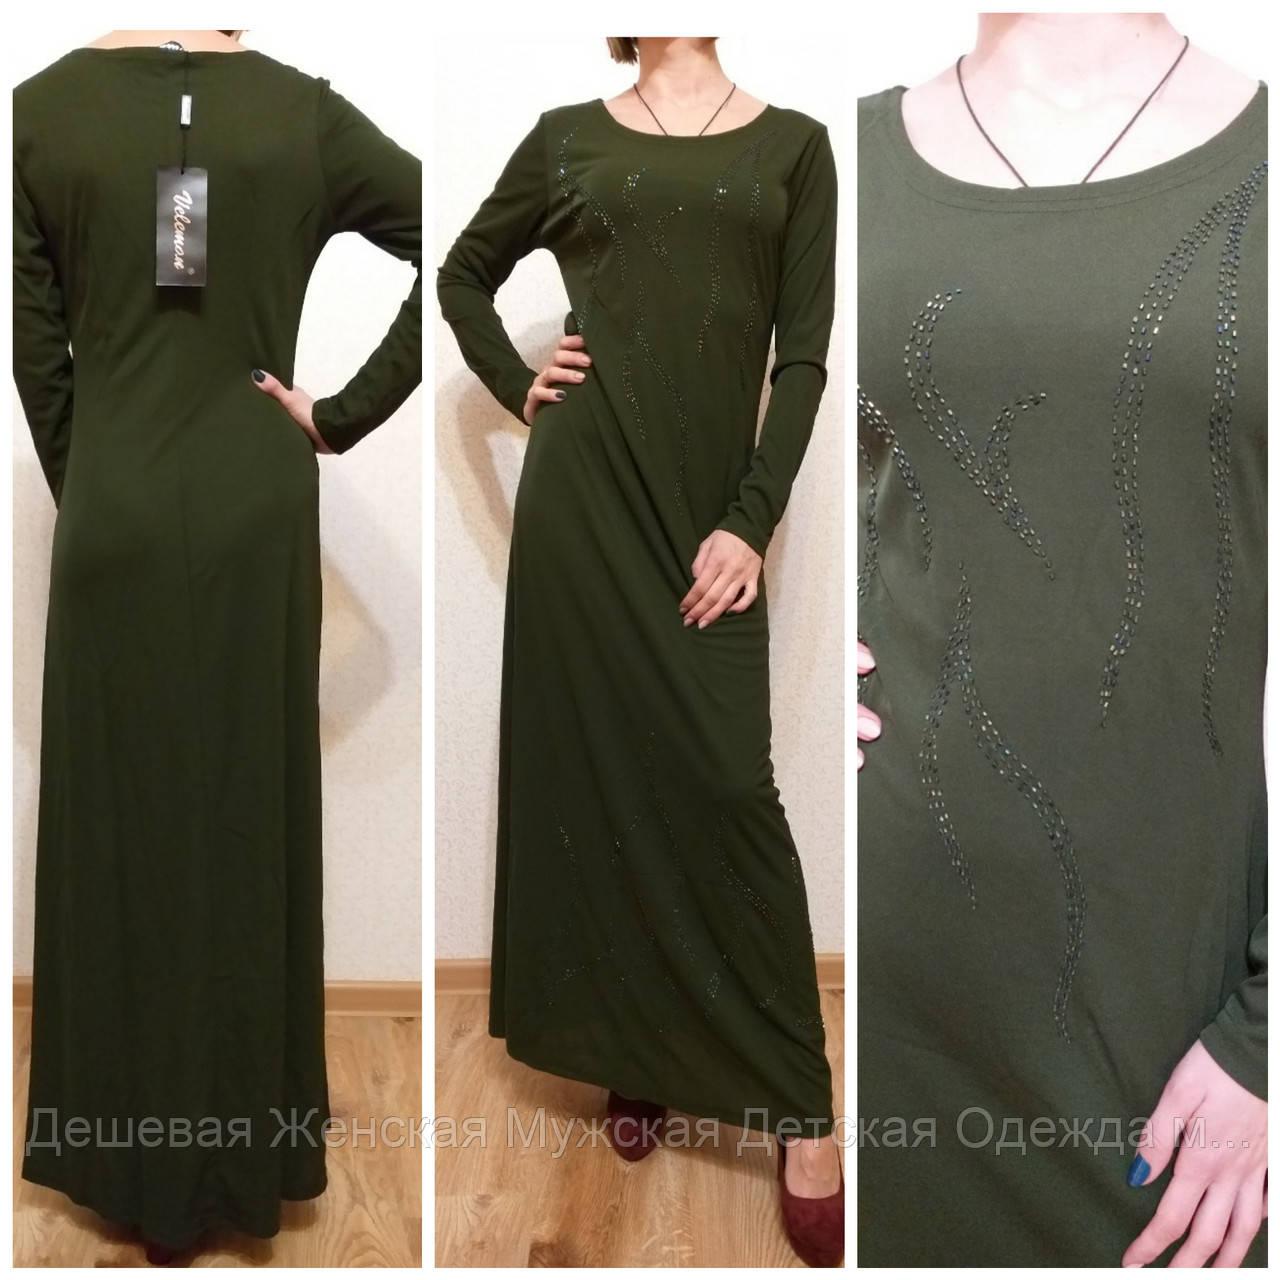 Платье новый год  в Ассортименте от 10 шт